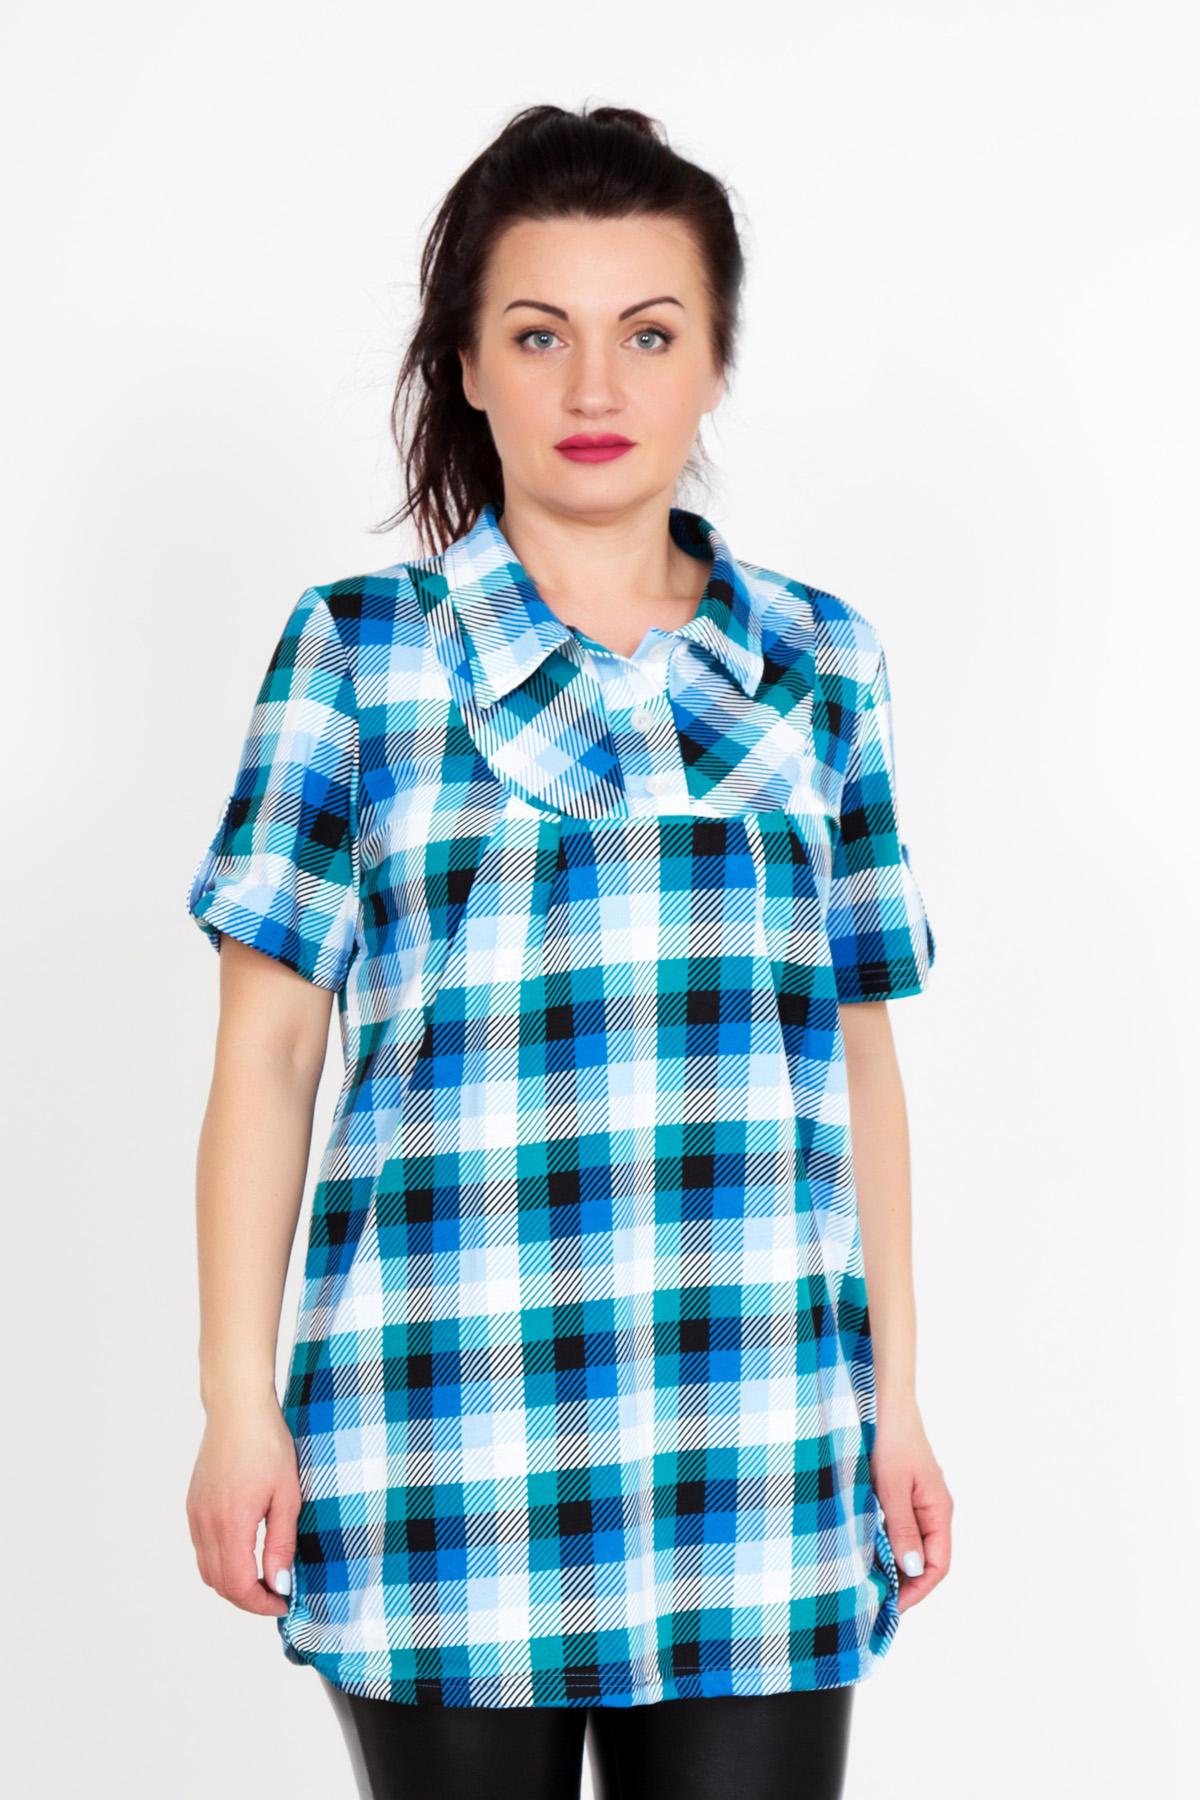 Жен. блуза Юнона Бирюзовый р. 62Распродажа женской одежды<br>Обхват груди: 124 см <br>Обхват талии: 105 см <br>Обхват бедер: 132 см <br>Длина по спинке: 76 см <br>Рост: 167 см<br><br>Тип: Жен. блуза<br>Размер: 62<br>Материал: Кулирка